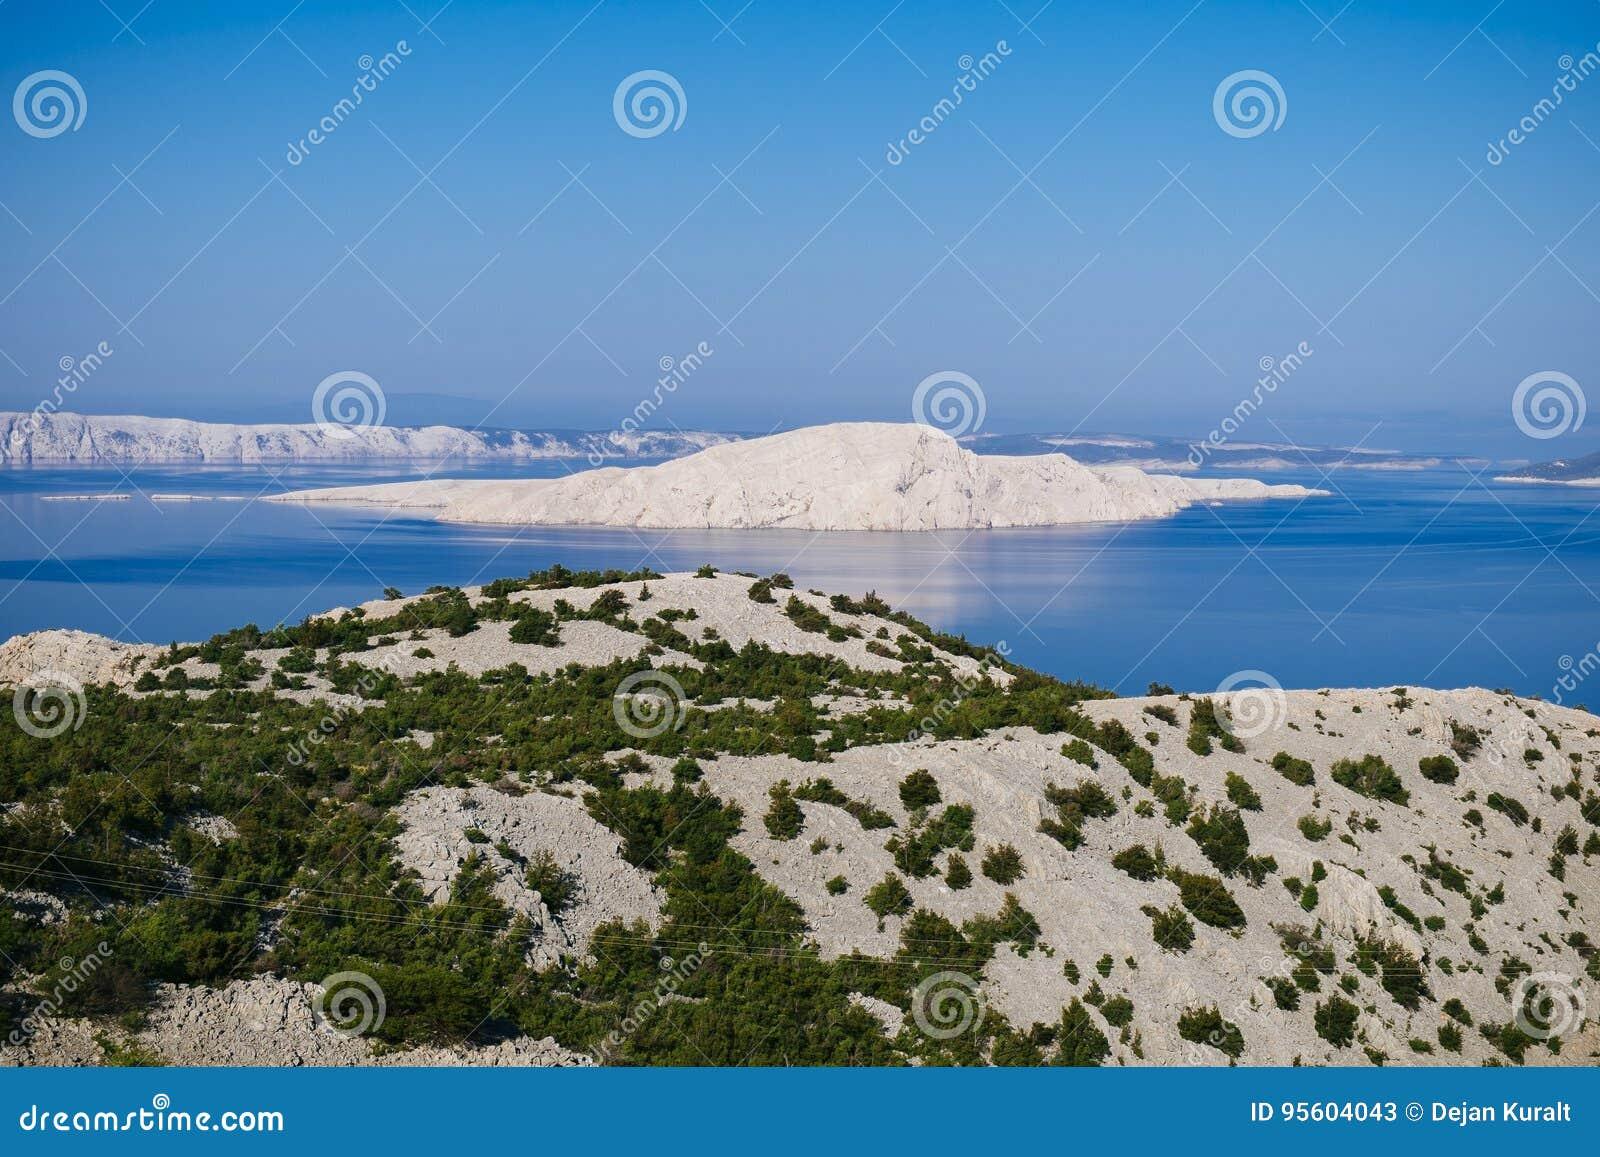 Otok Goli - нагой остров